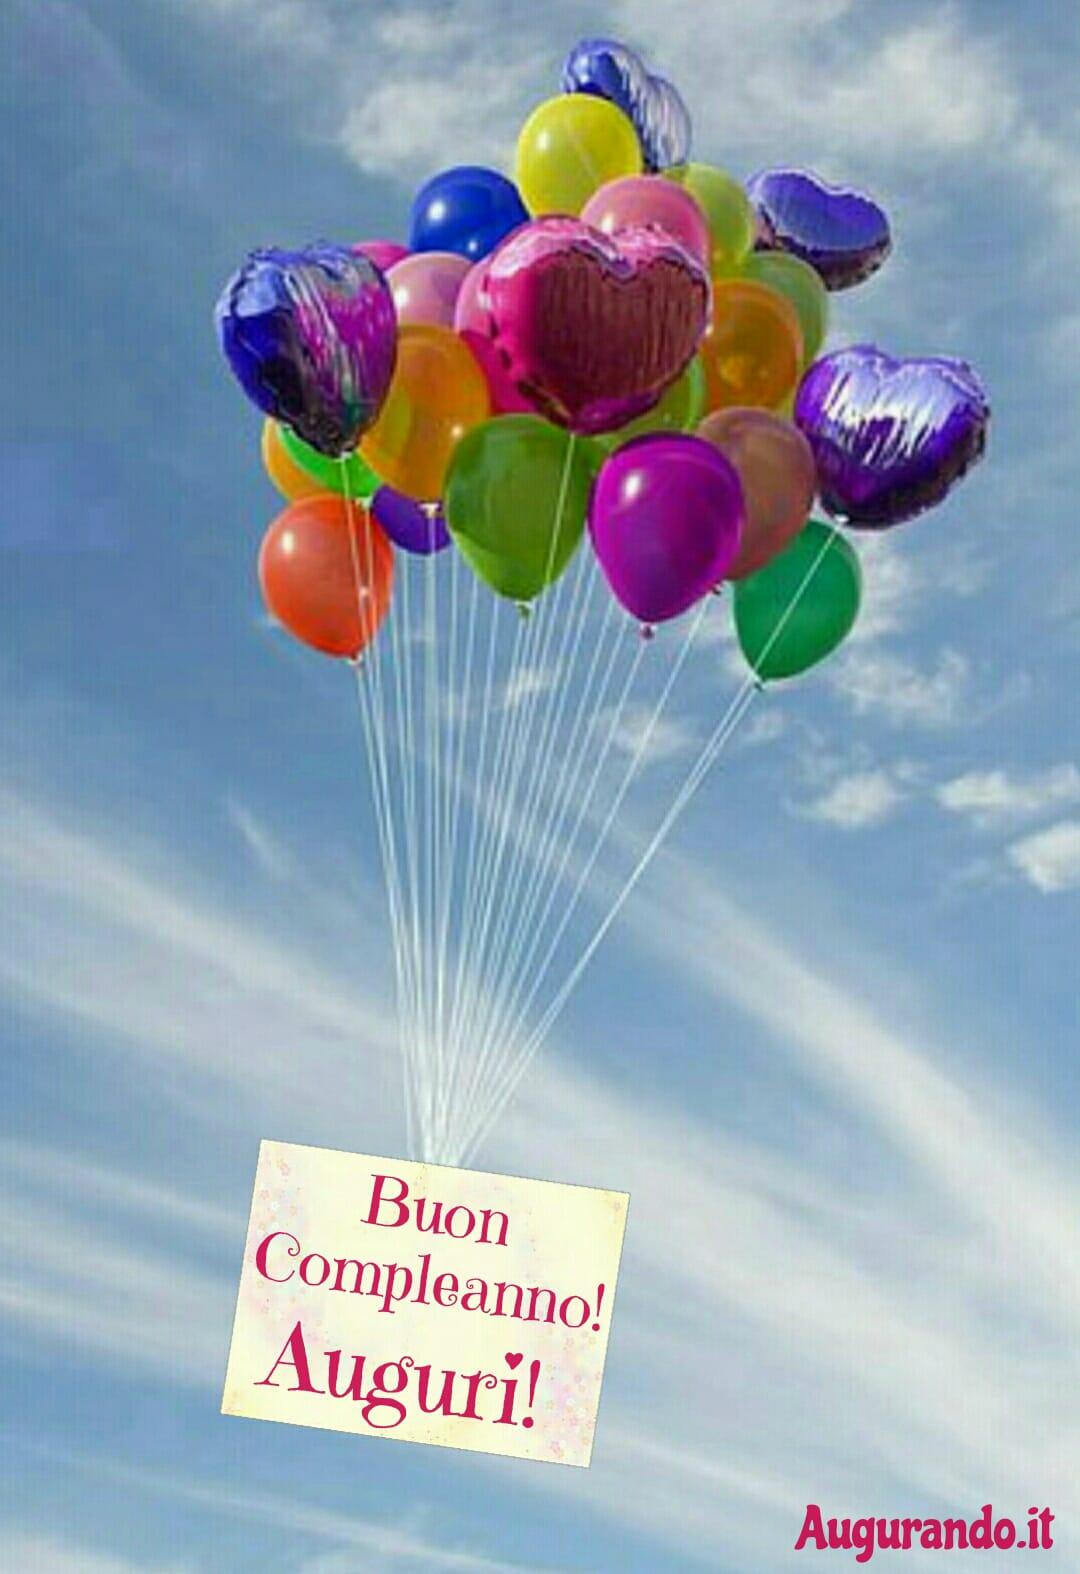 Buon Compleanno, compleanno, felice compleanno, tantissimi auguri di buon compleanno, festa, immagini buon compleanno, tanti auguri, buon compleanno a te, sereno e felice compleanno, augurissimi, happy birthday, auguri festa di compleanno